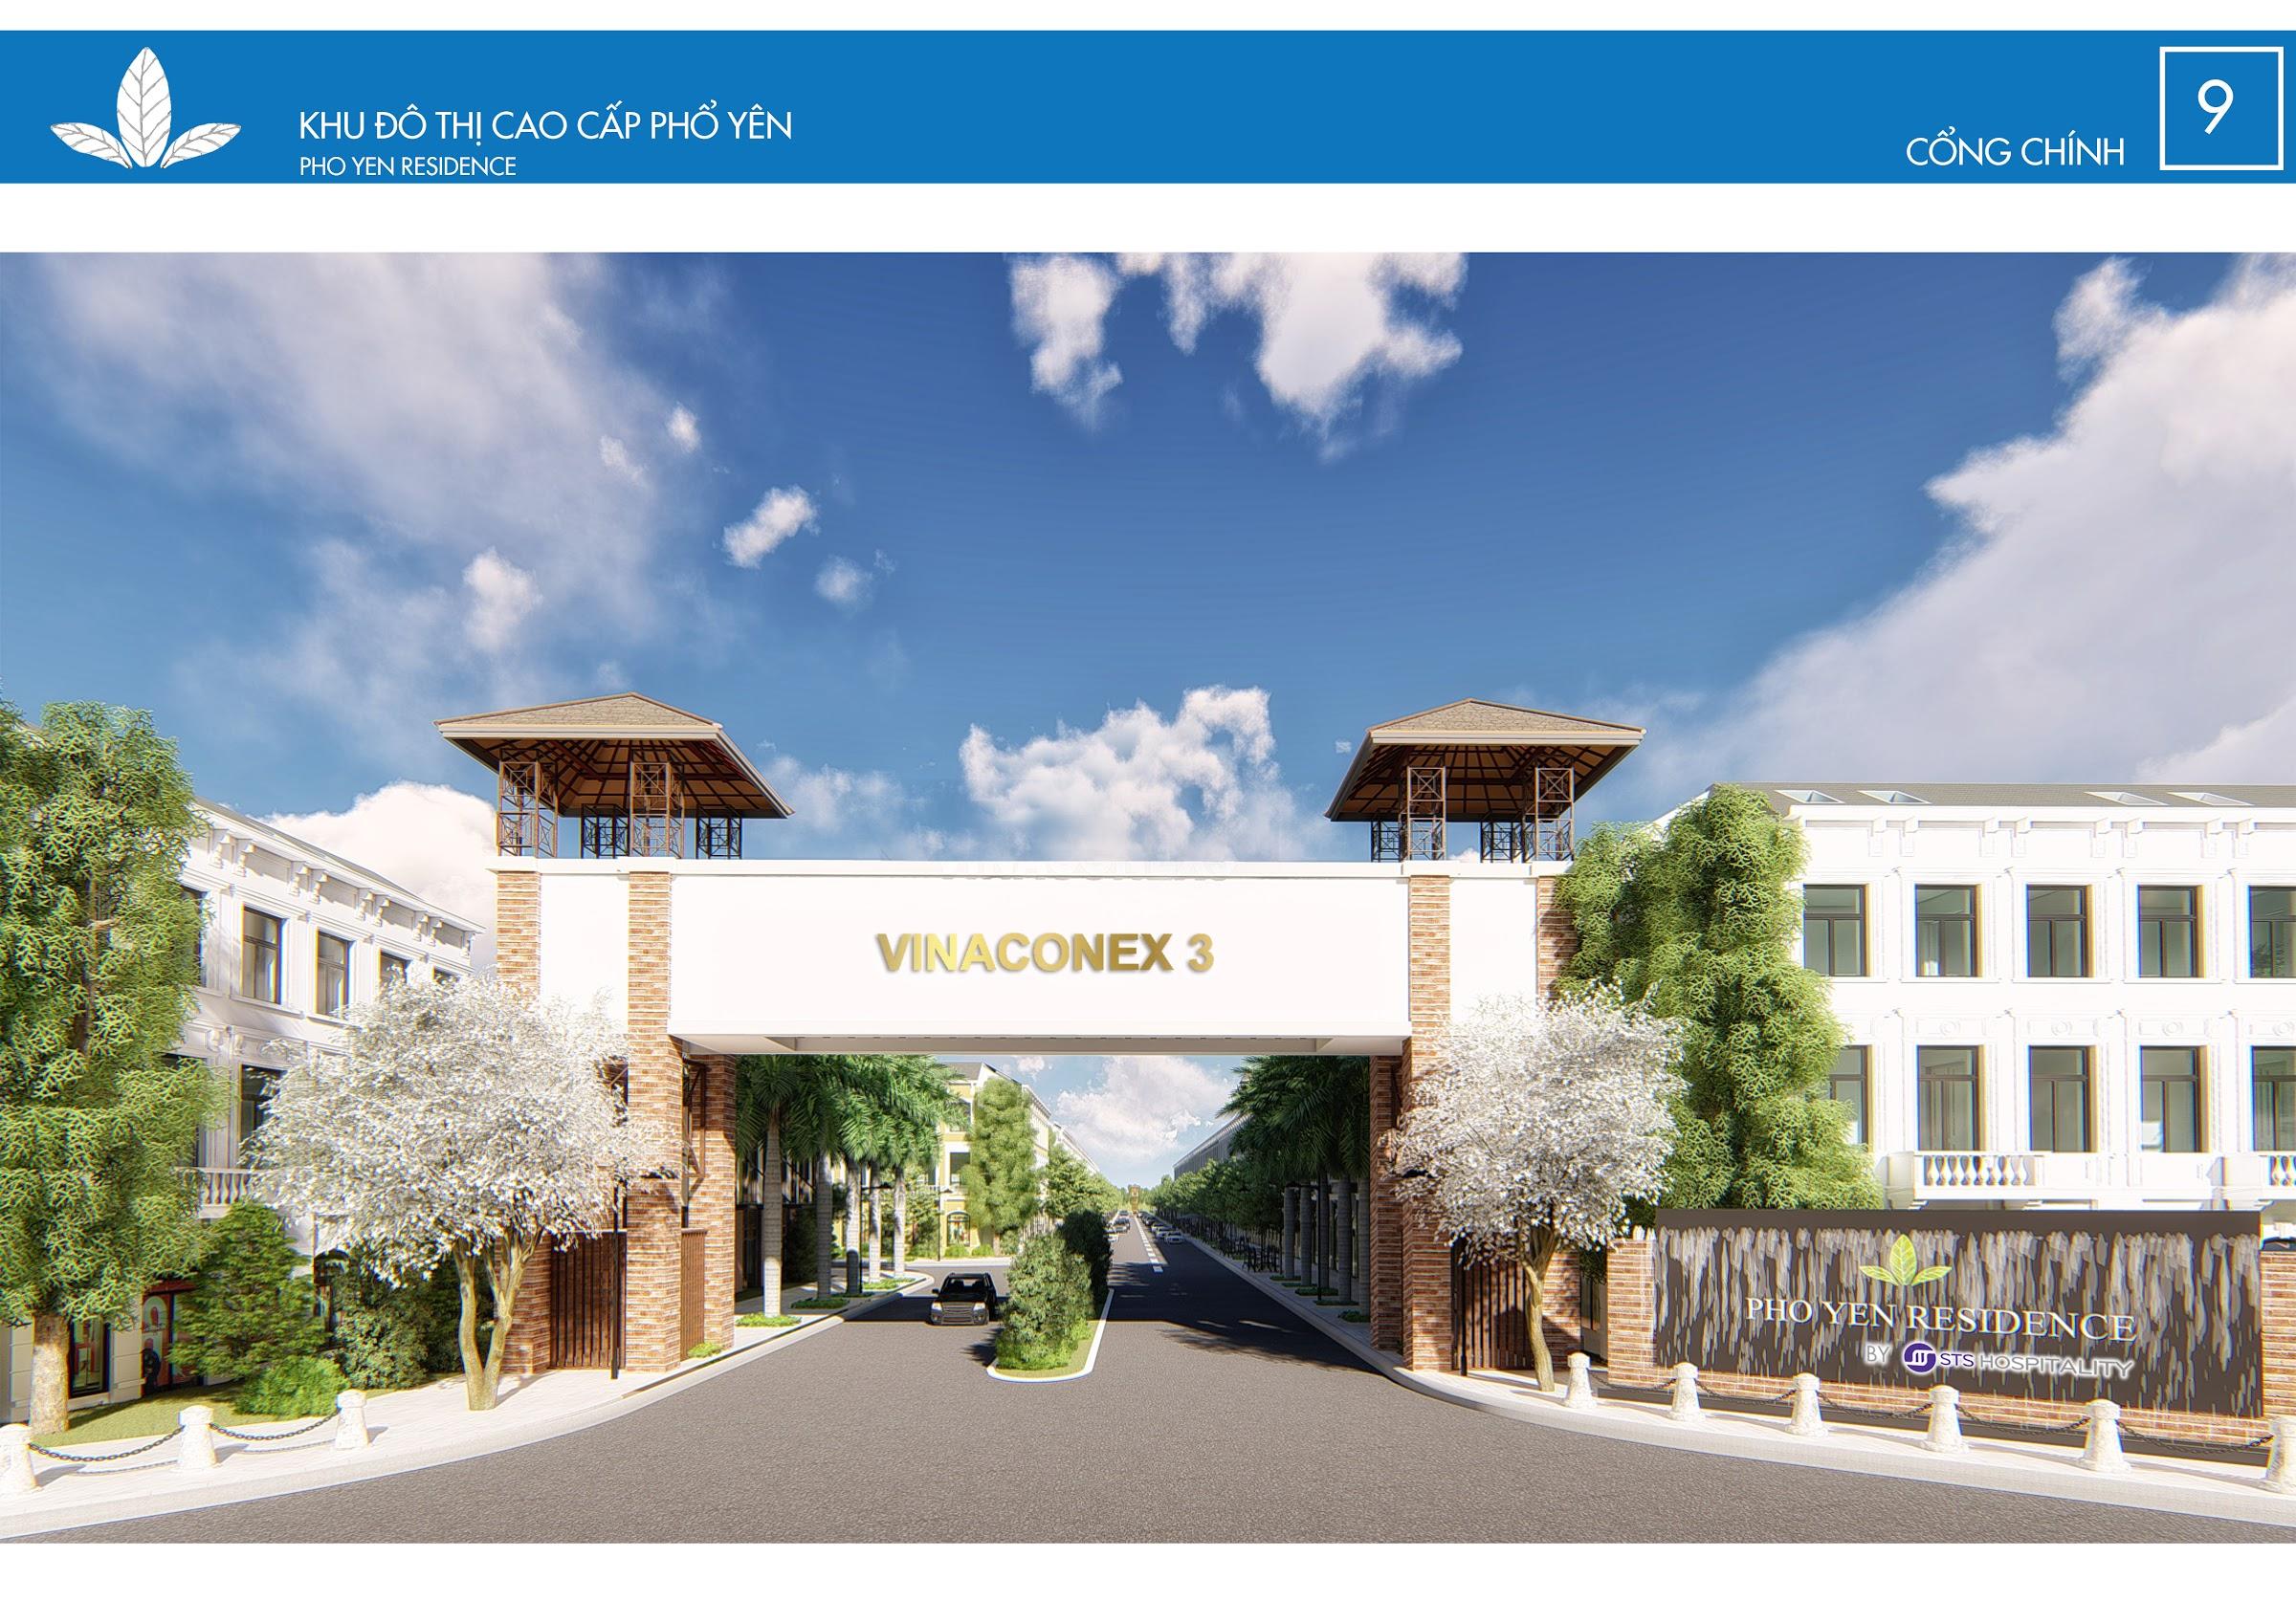 Dự án Phổ Yên Residence | Vinaconex 3 Phổ Yên Thái Nguyên